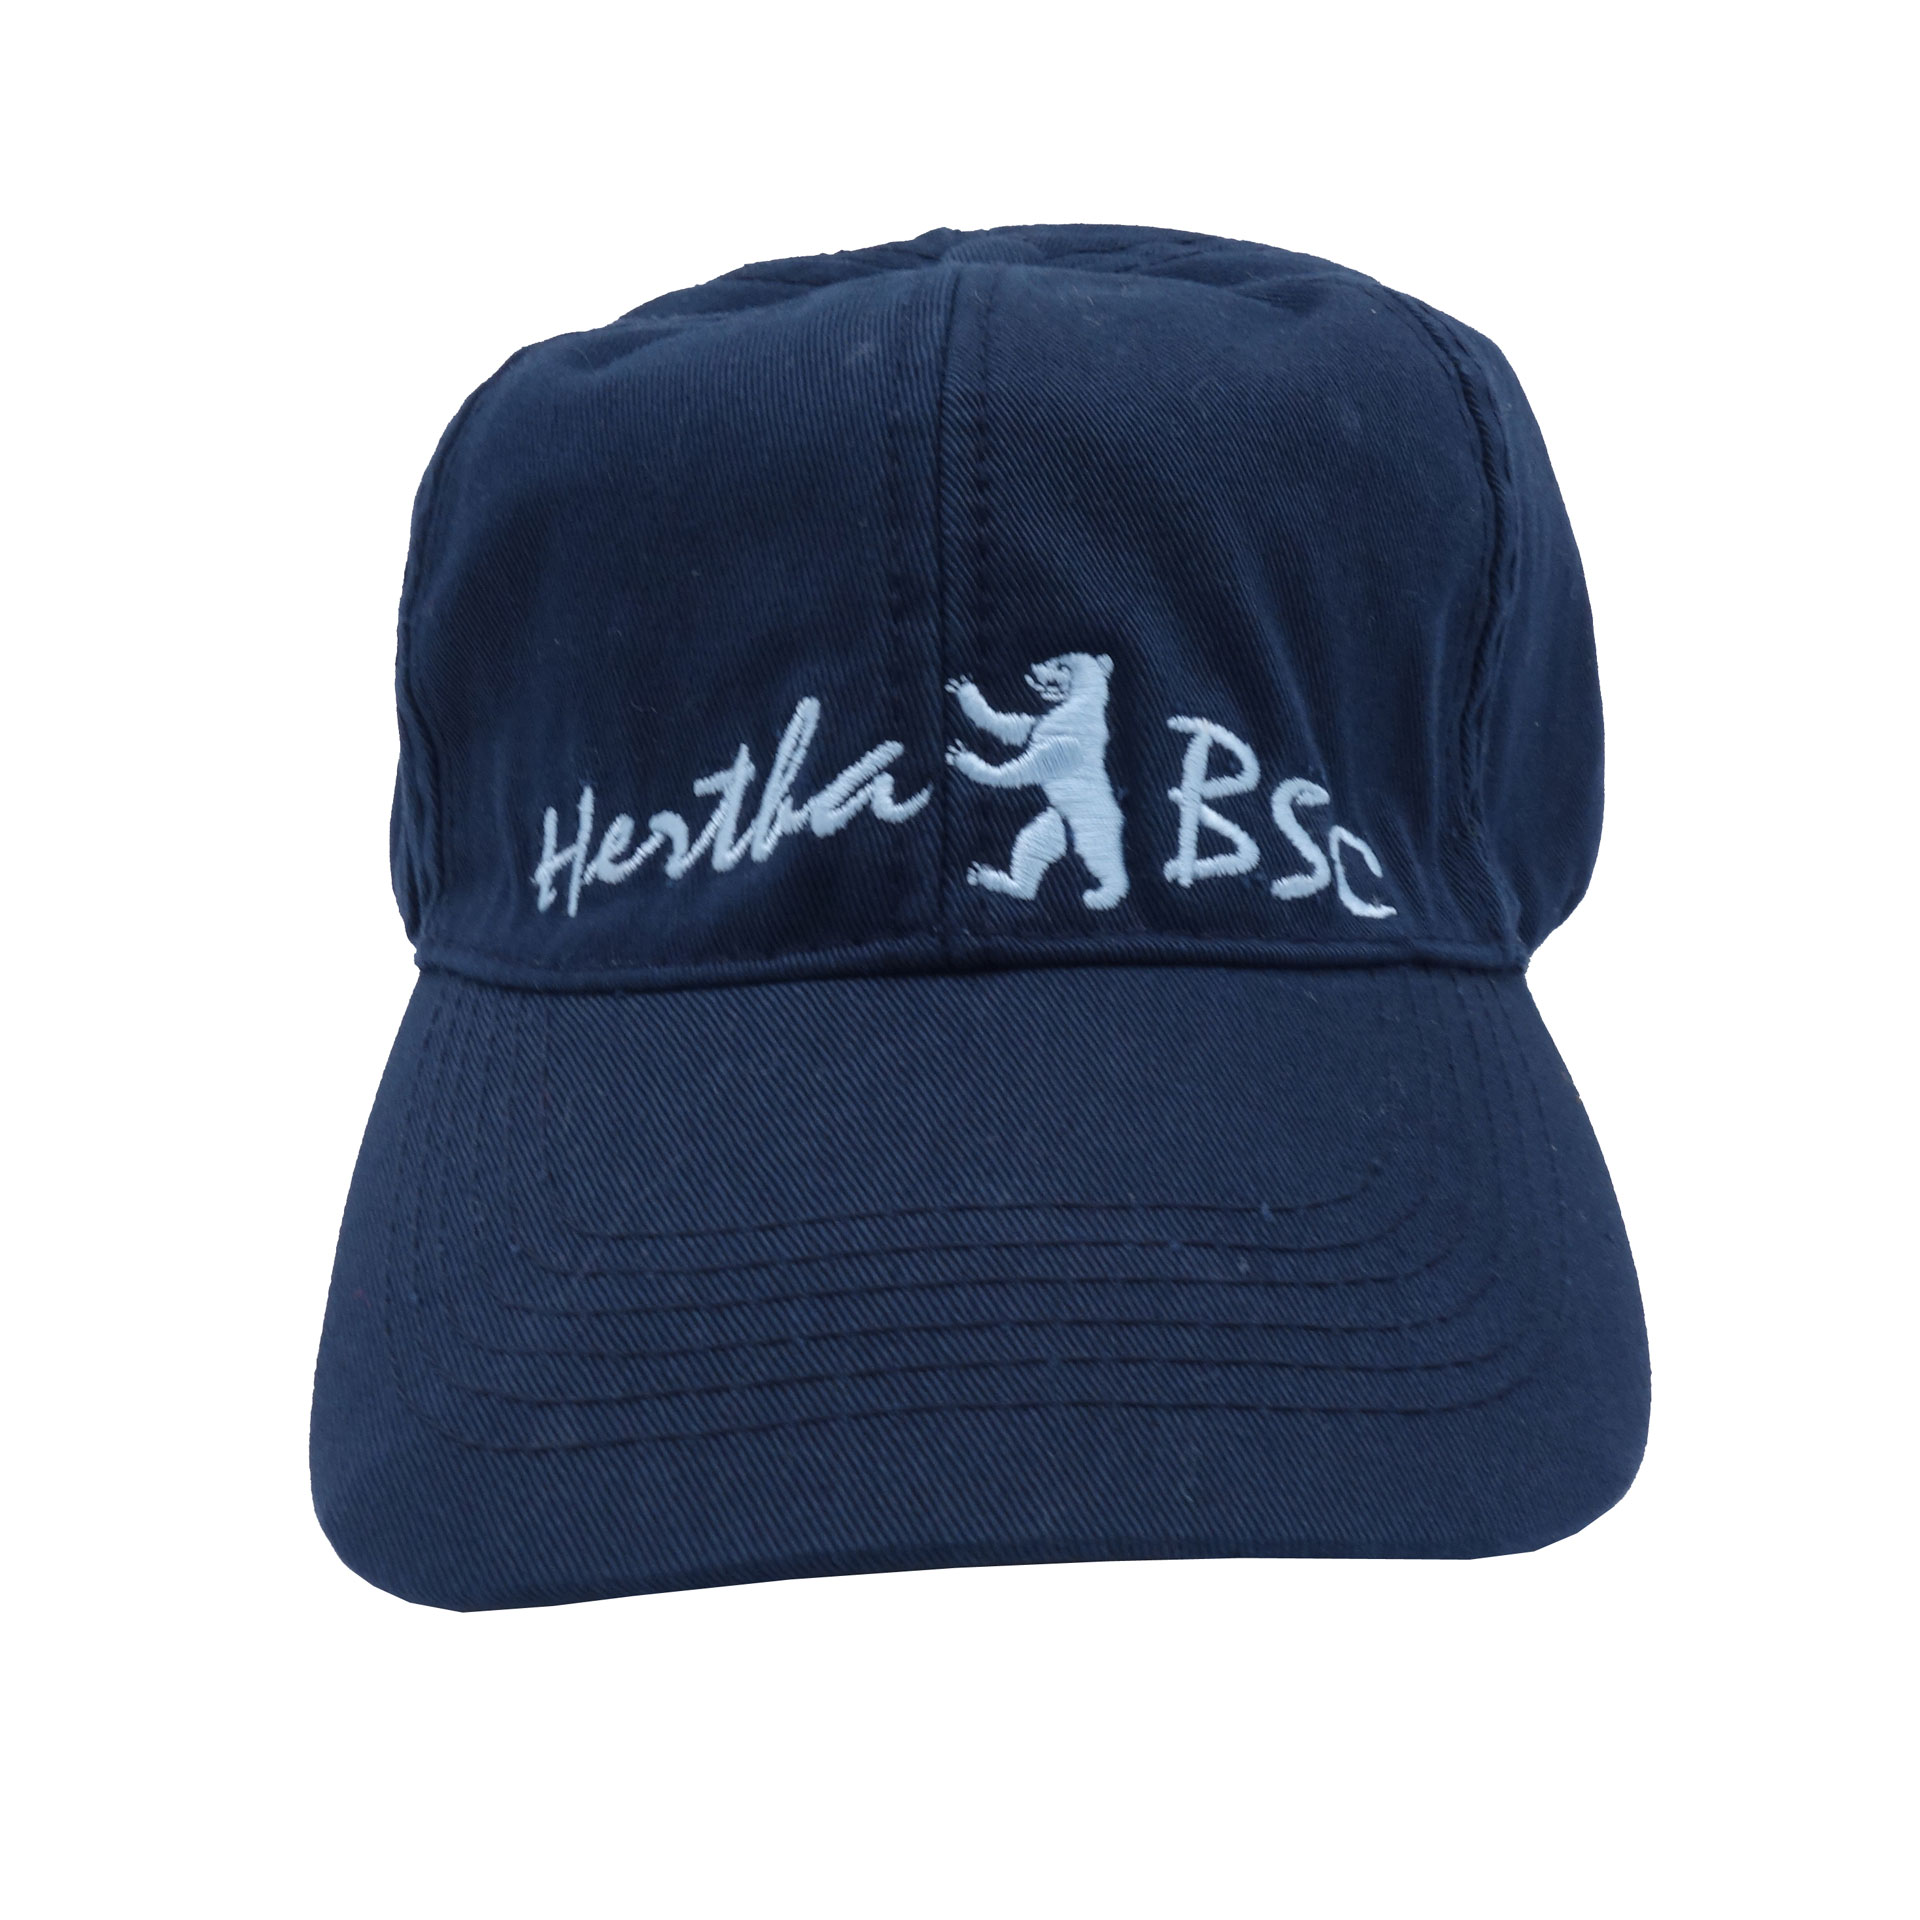 Hertha BSC Cap Herren Navy